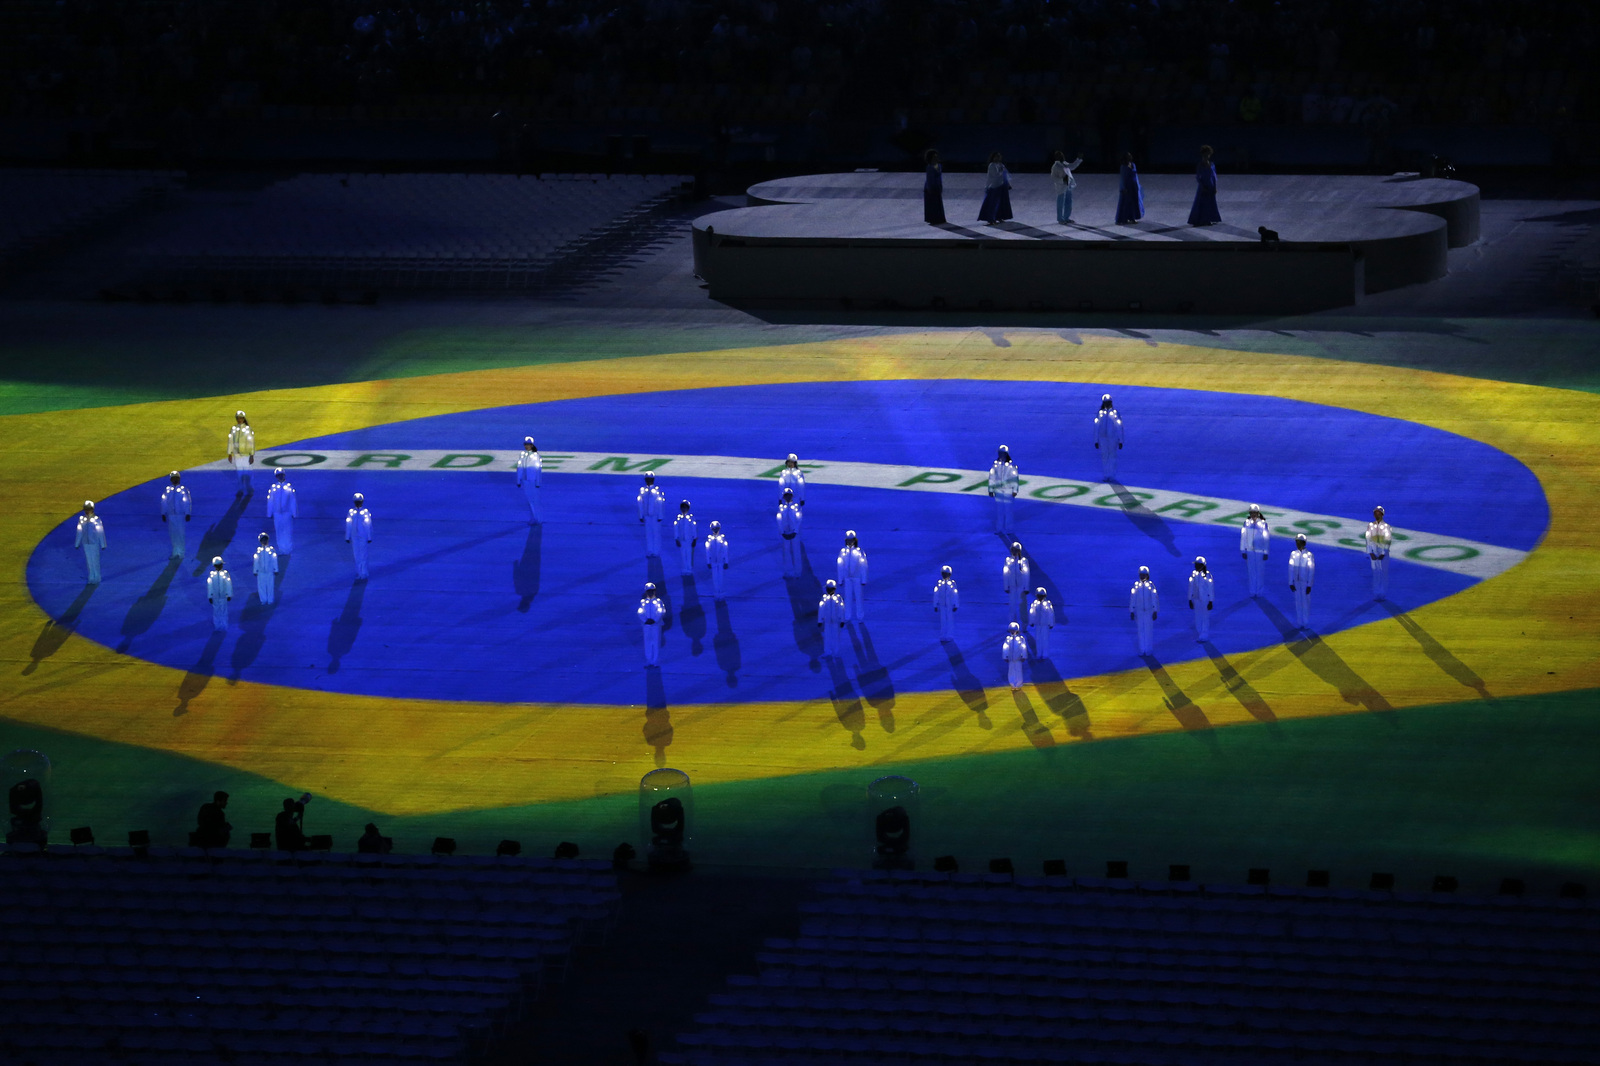 Хор мальчиков поет гимн Бразилии на фоне национального флага